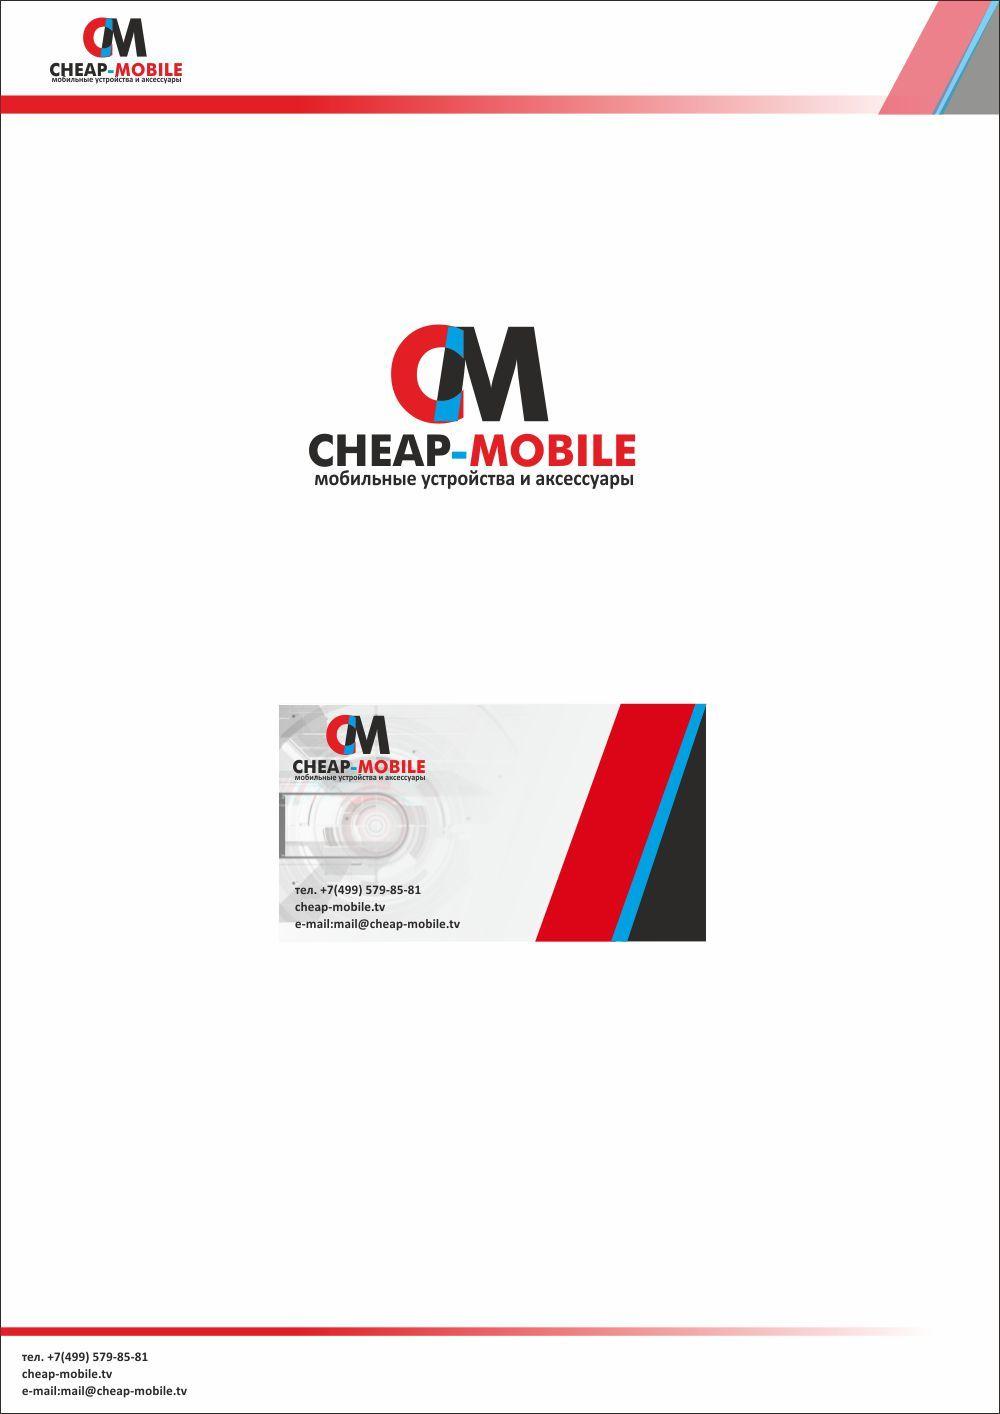 Лого и фирменный стиль для ИМ (Мобильные телефоны) - дизайнер khanman